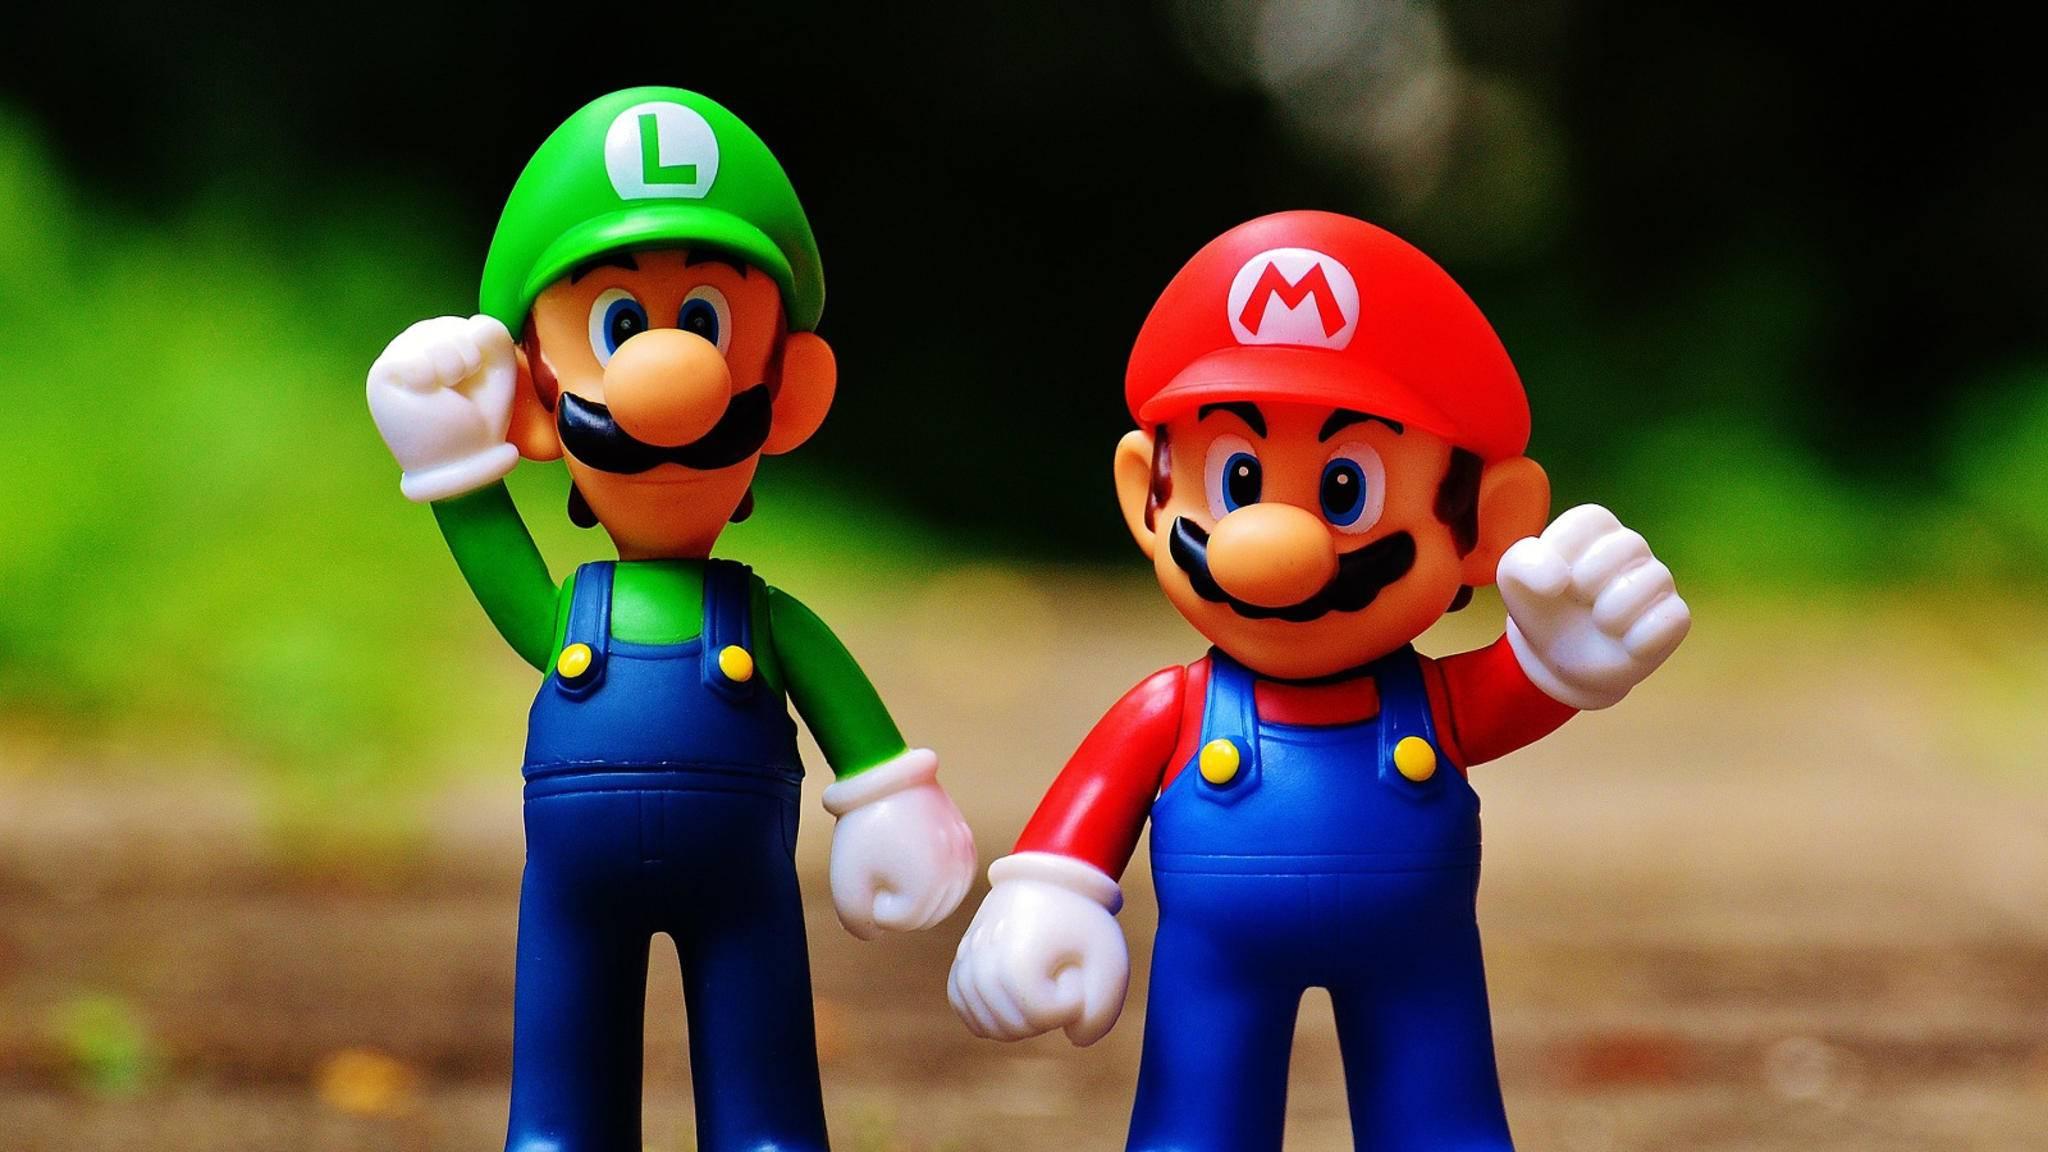 """Marios grün gewandeter Bruder Luigi steht regelmäßig im Schatten seines Bruders –so auch in """"Super Mario 64"""", wo er gar nicht vorkommt."""